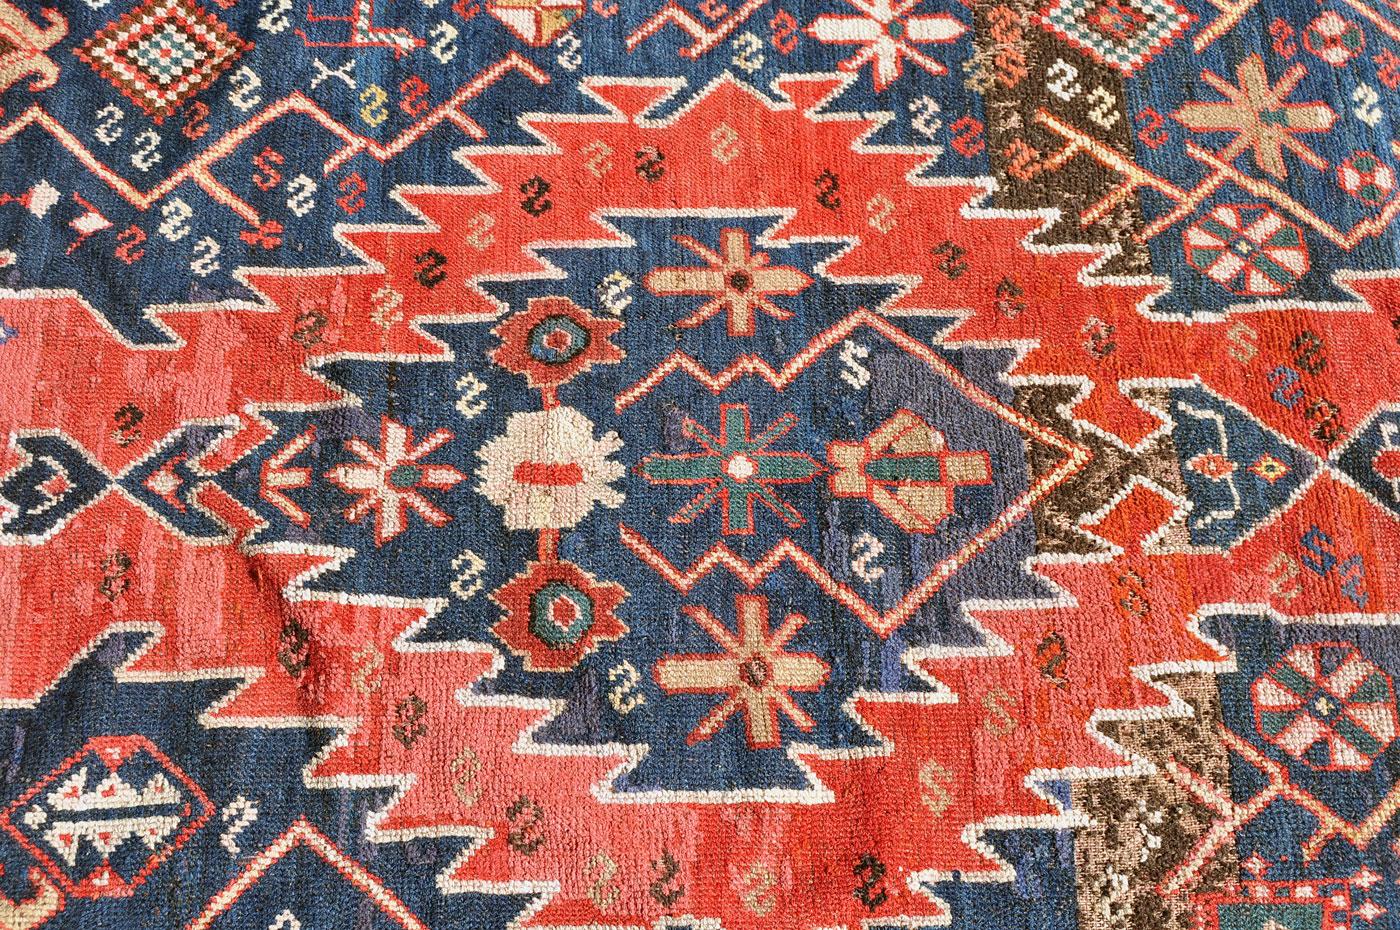 Caucasian Rug — 1913 date